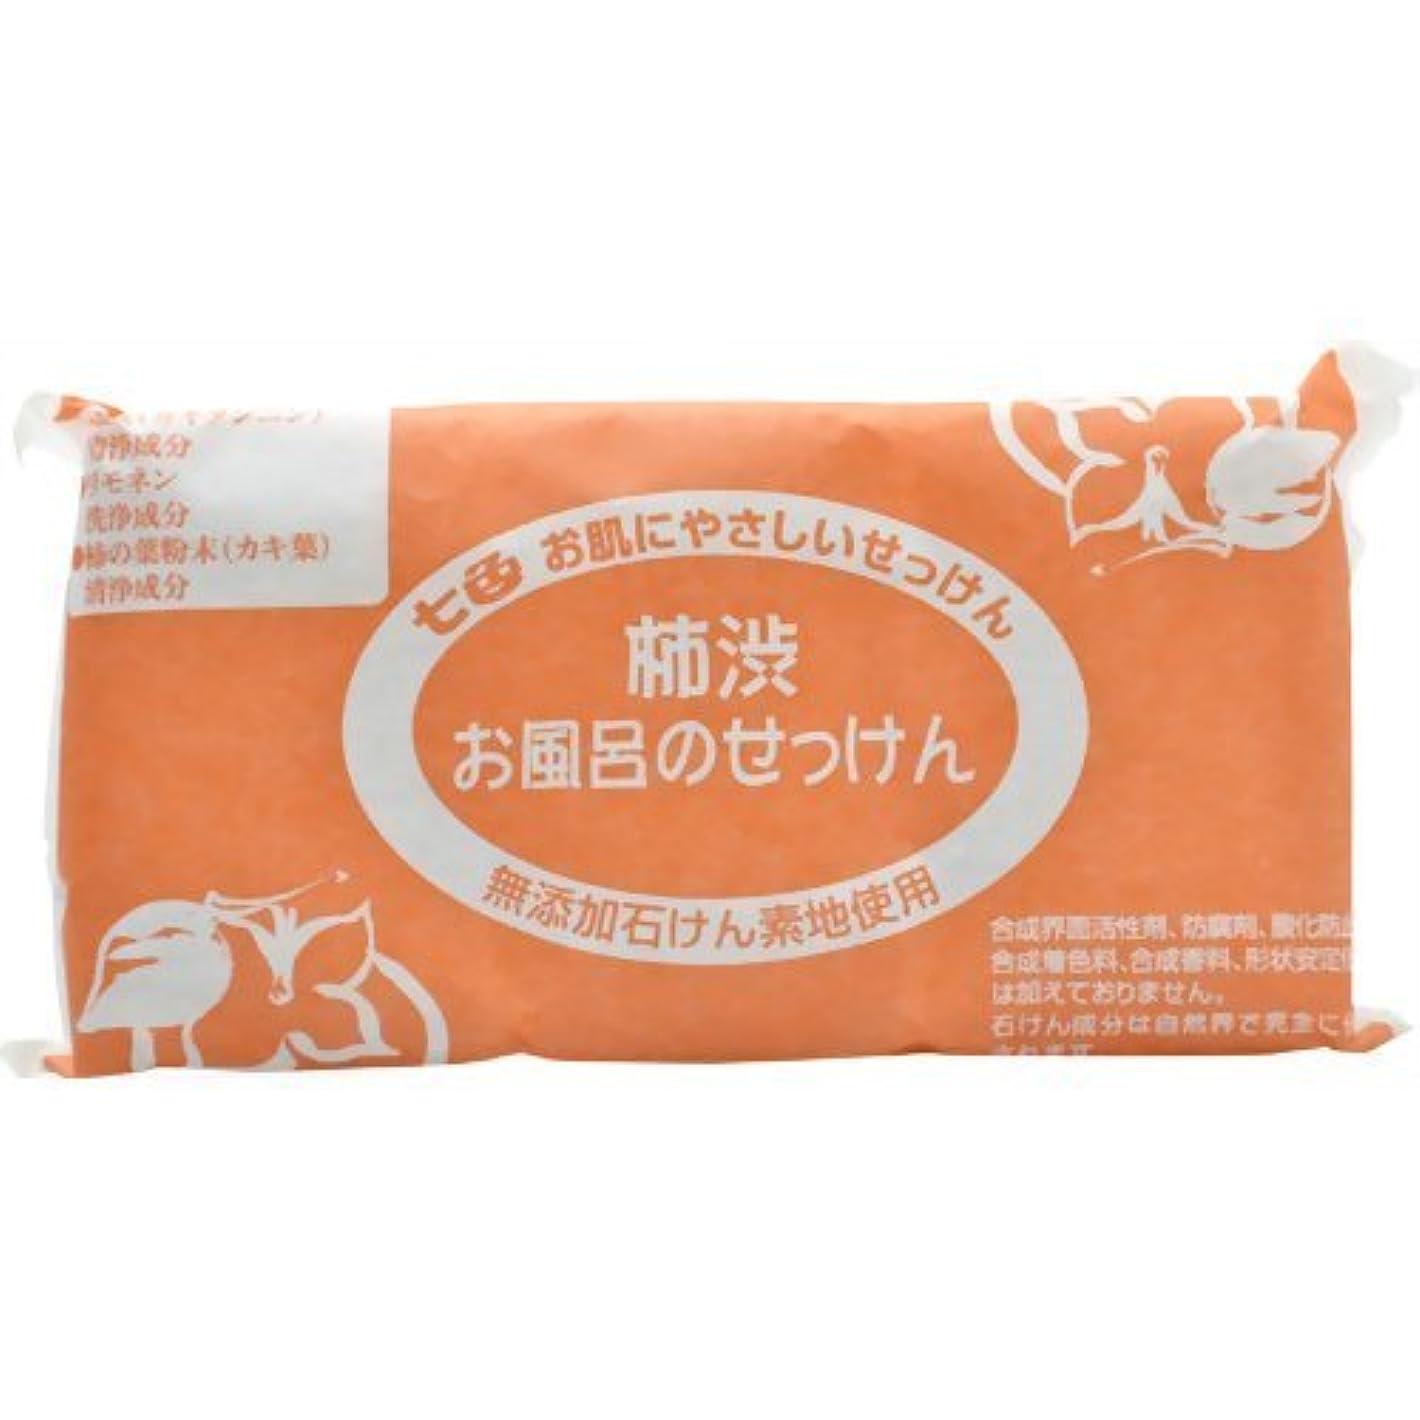 活力ペリスコープ著作権七色 お風呂のせっけん 柿渋(無添加石鹸) 100g×3個入